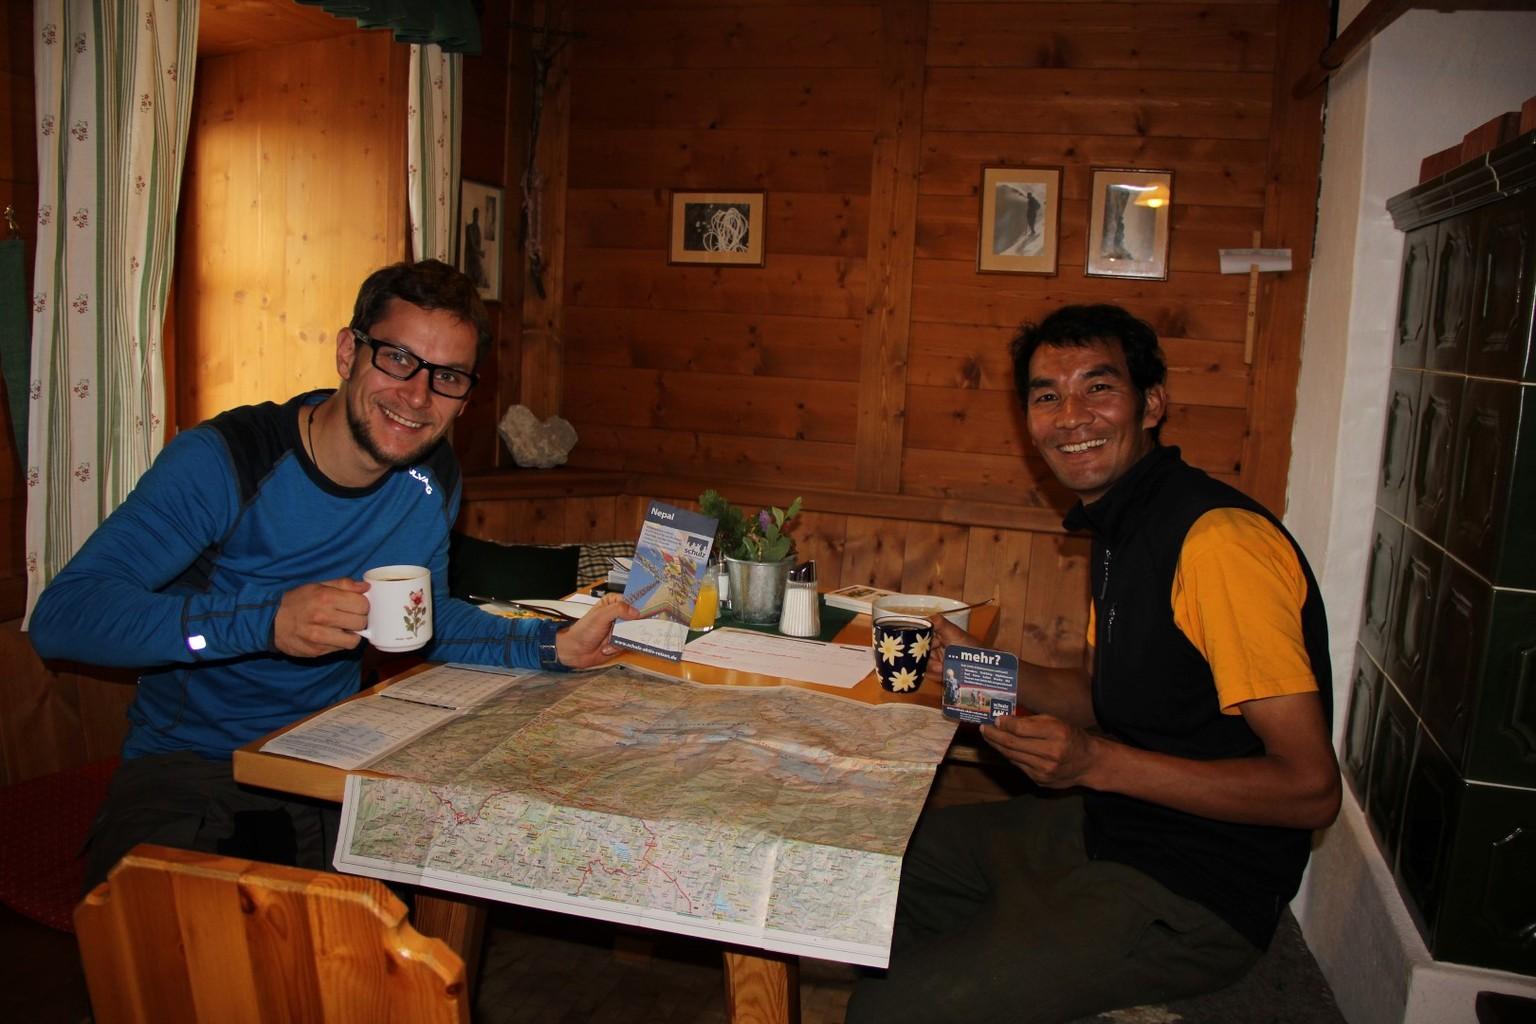 Reiseleiter Gelu Sherpa und ich (Stefan) v.r.n.l. bei unserer Besprechung in der Schmidt-Zabierow-Hütte